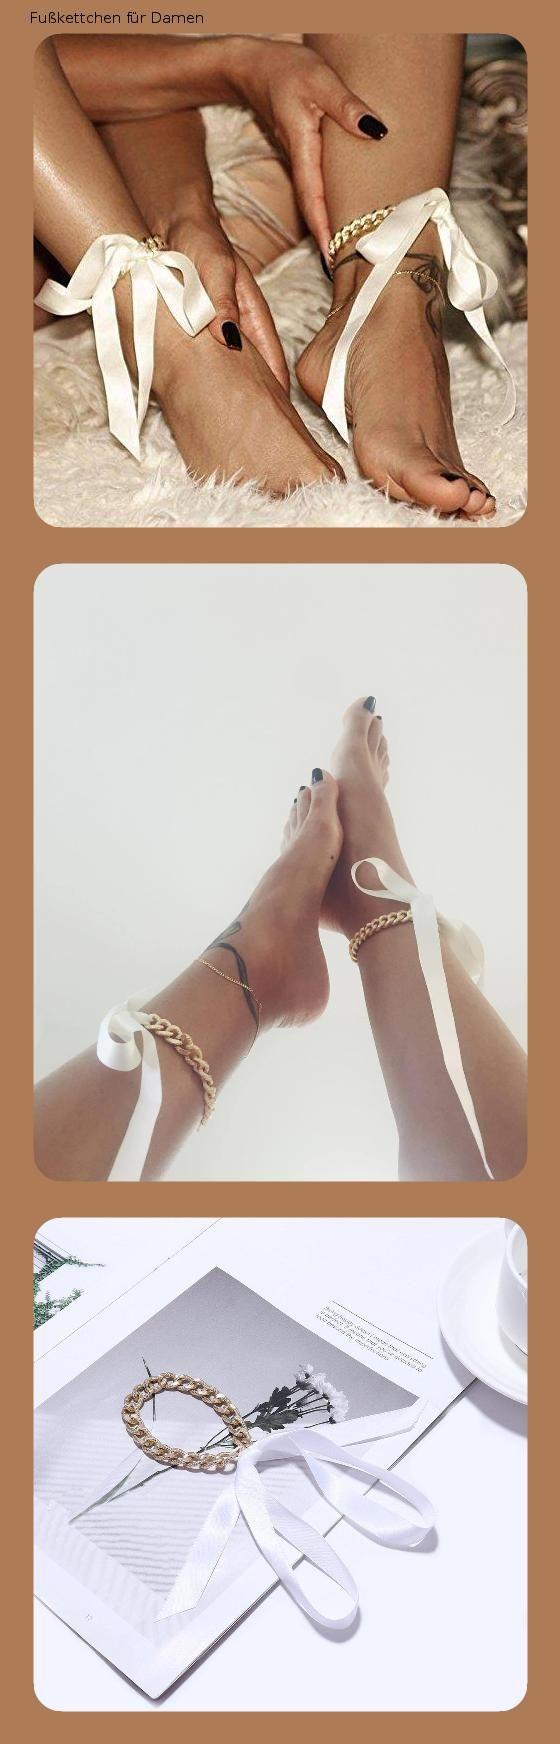 Kercisbeauty Gold Fußkettchen mit Band für High Heels Schuhe